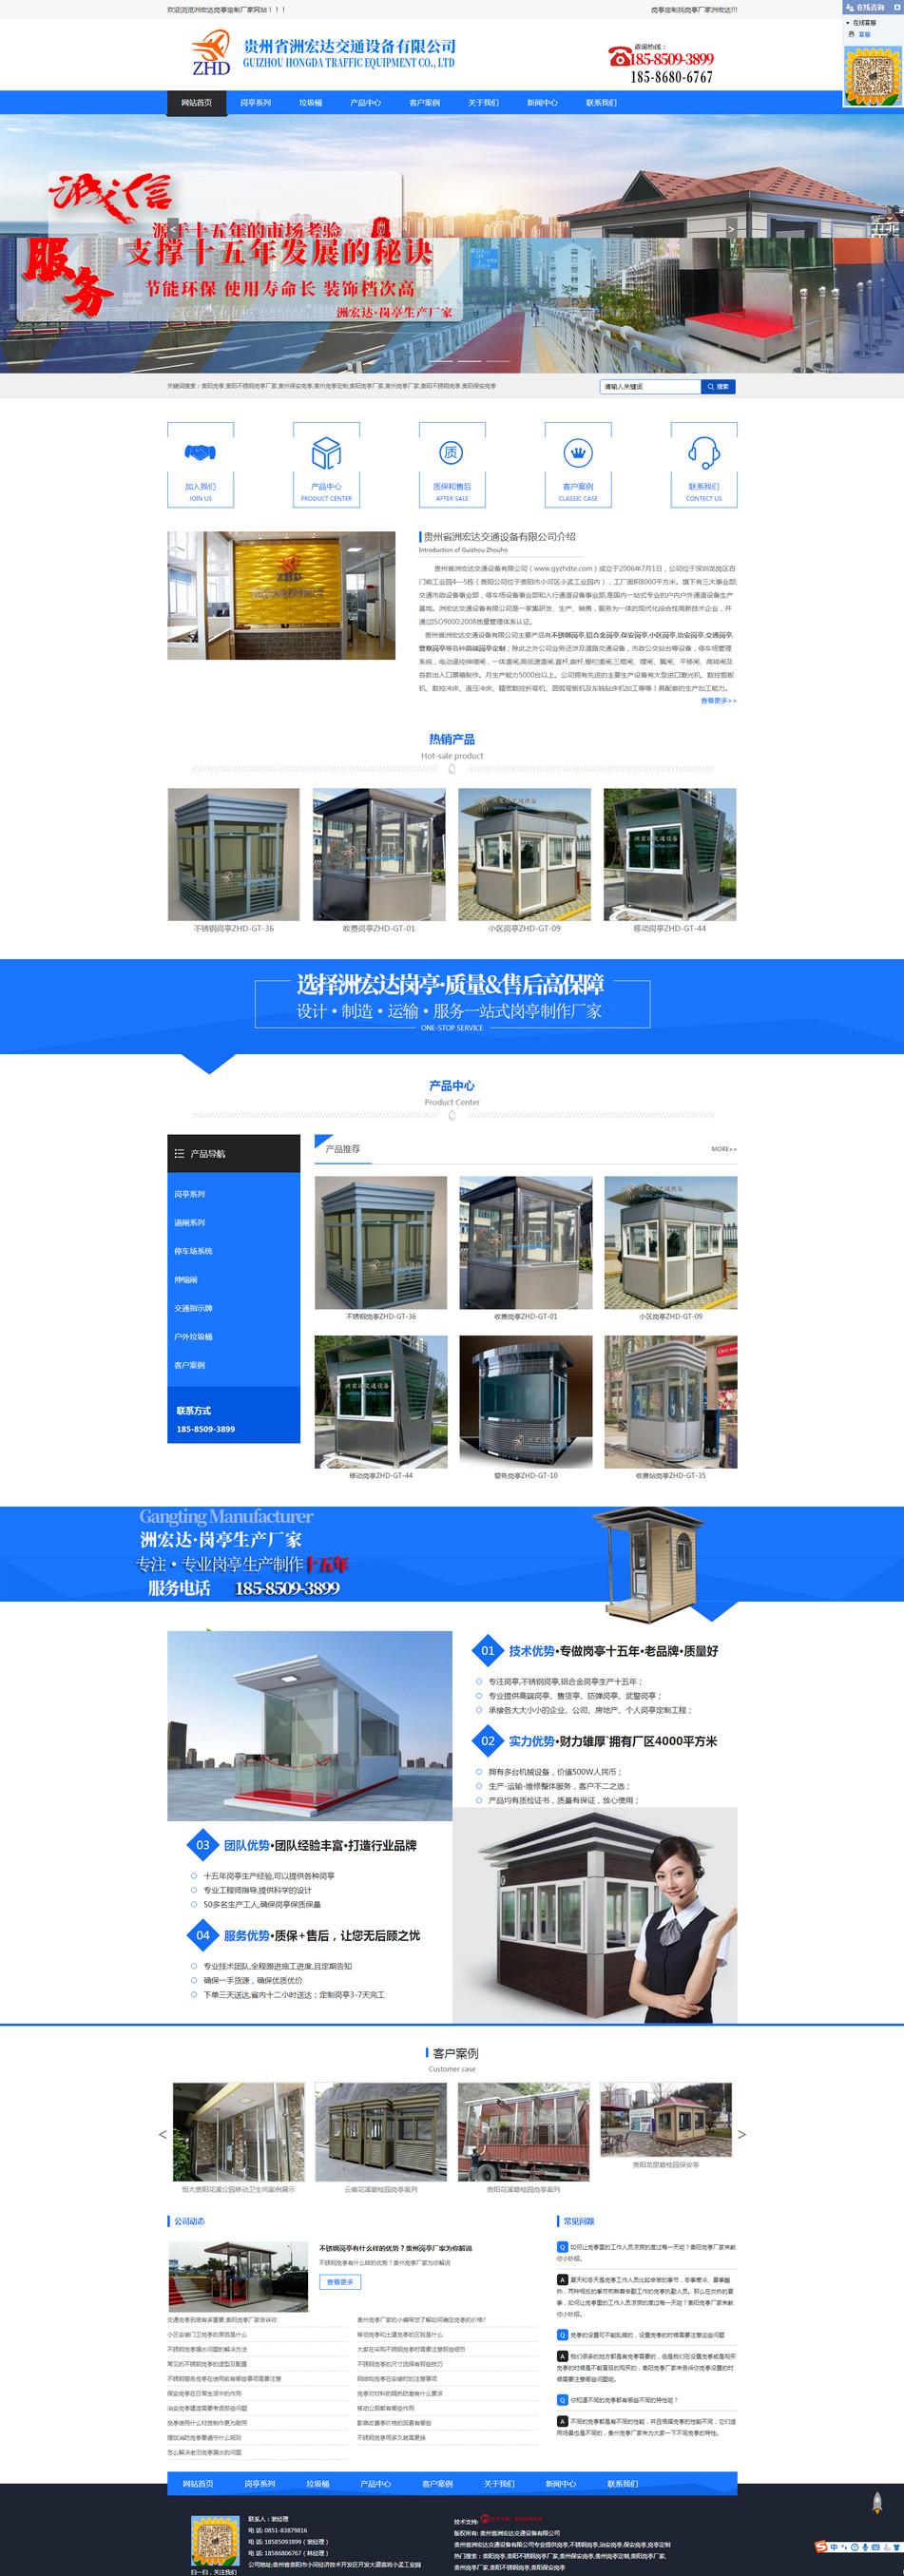 贵州网站建设多少钱